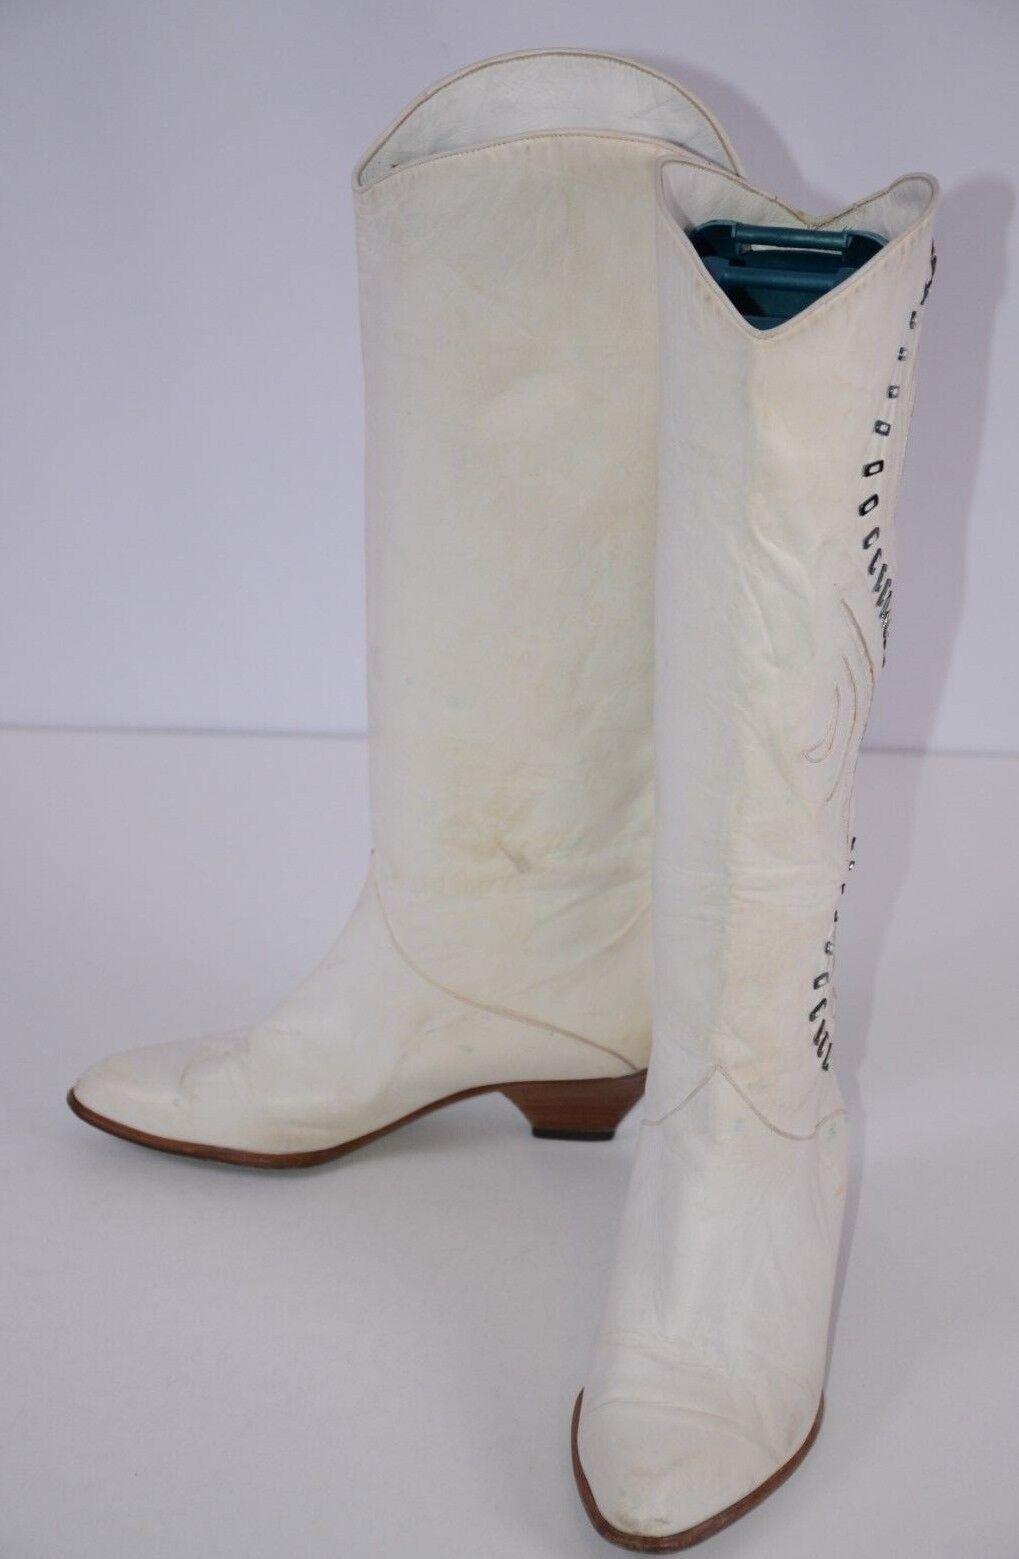 Nando Muzi Women's Knee High Boots Size 6.5 M  Inlay Jeweled White Boho Fun